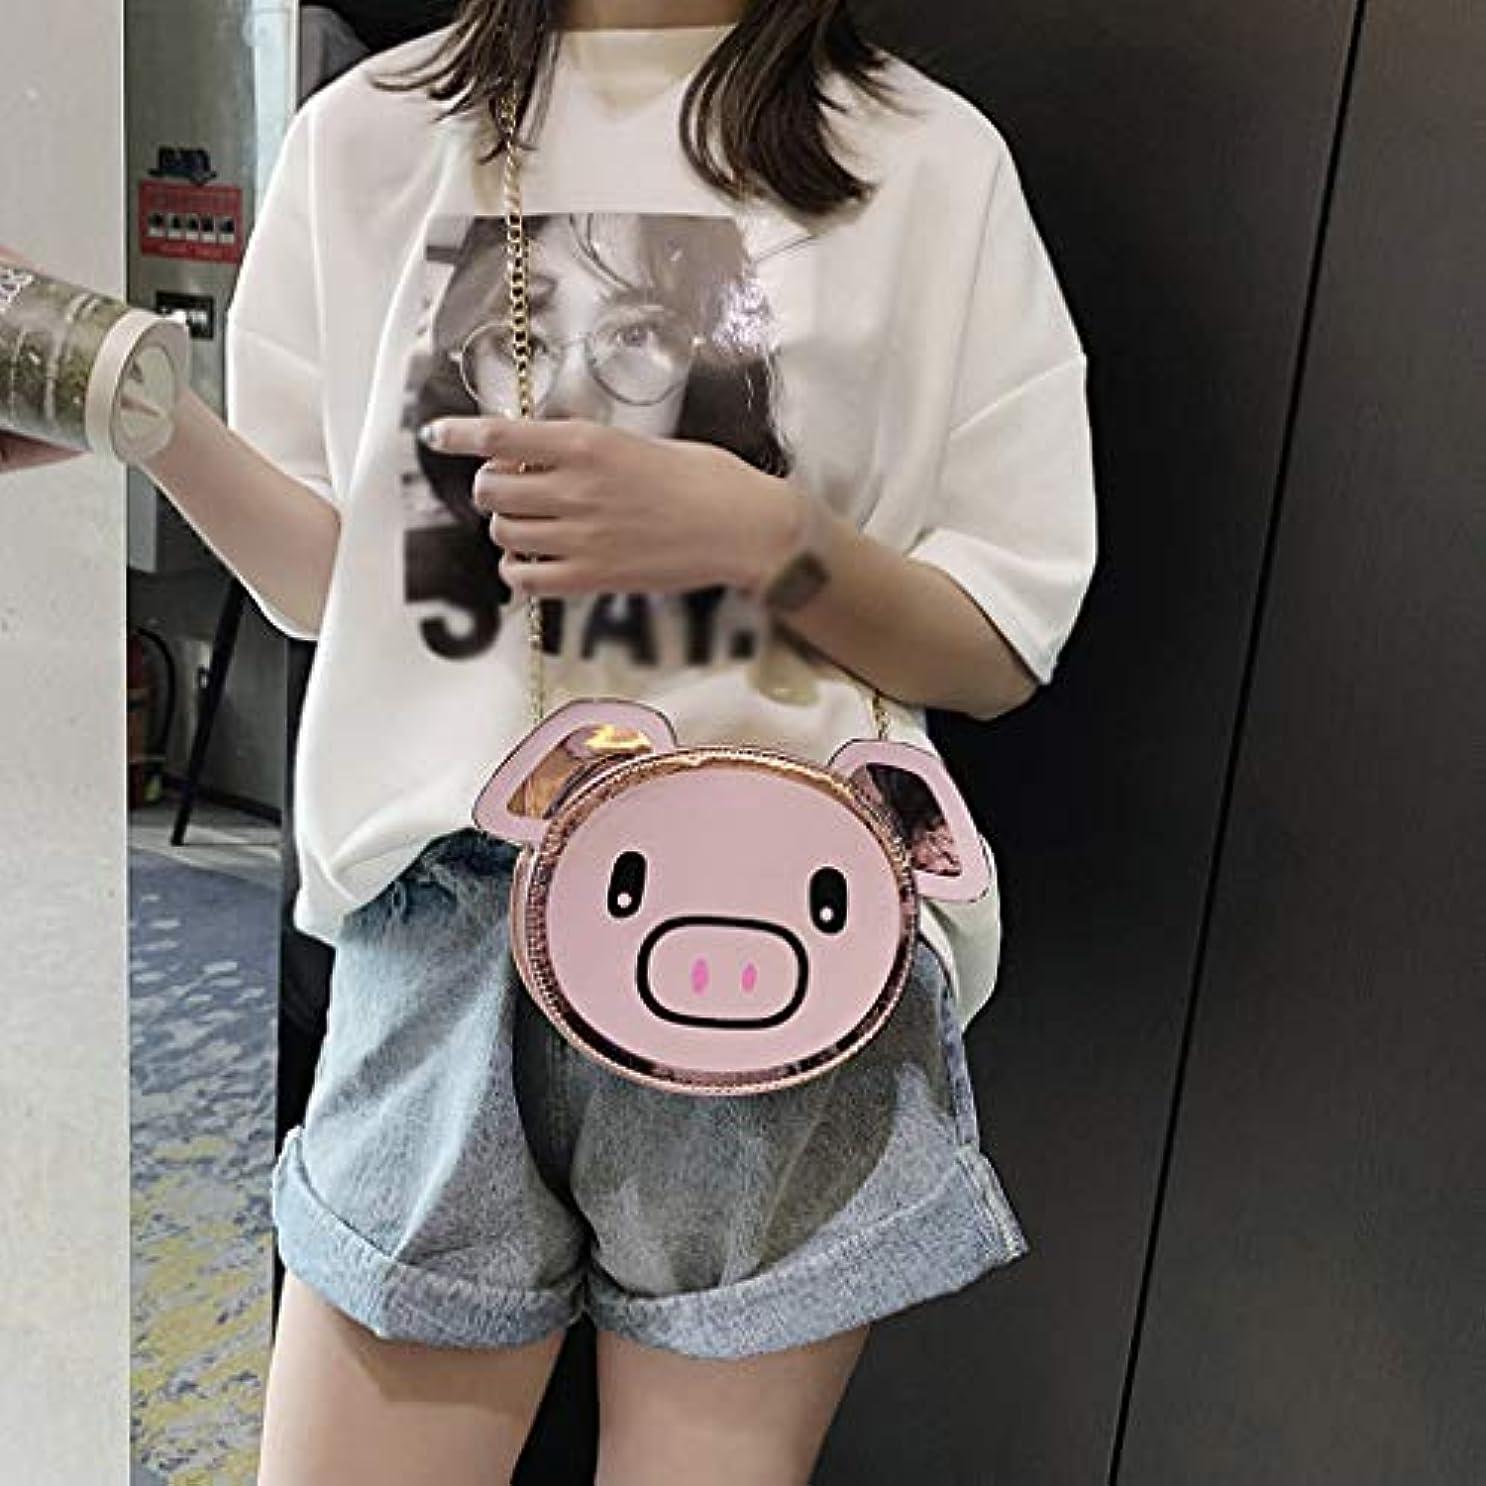 血まみれ拡声器角度ファッション女の子革チェーン野生のかわいい漫画豚肩メッセンジャーバッグ、女の子チェーン野生のかわいい豚肩メッセンジャーバッグ (ピンク)